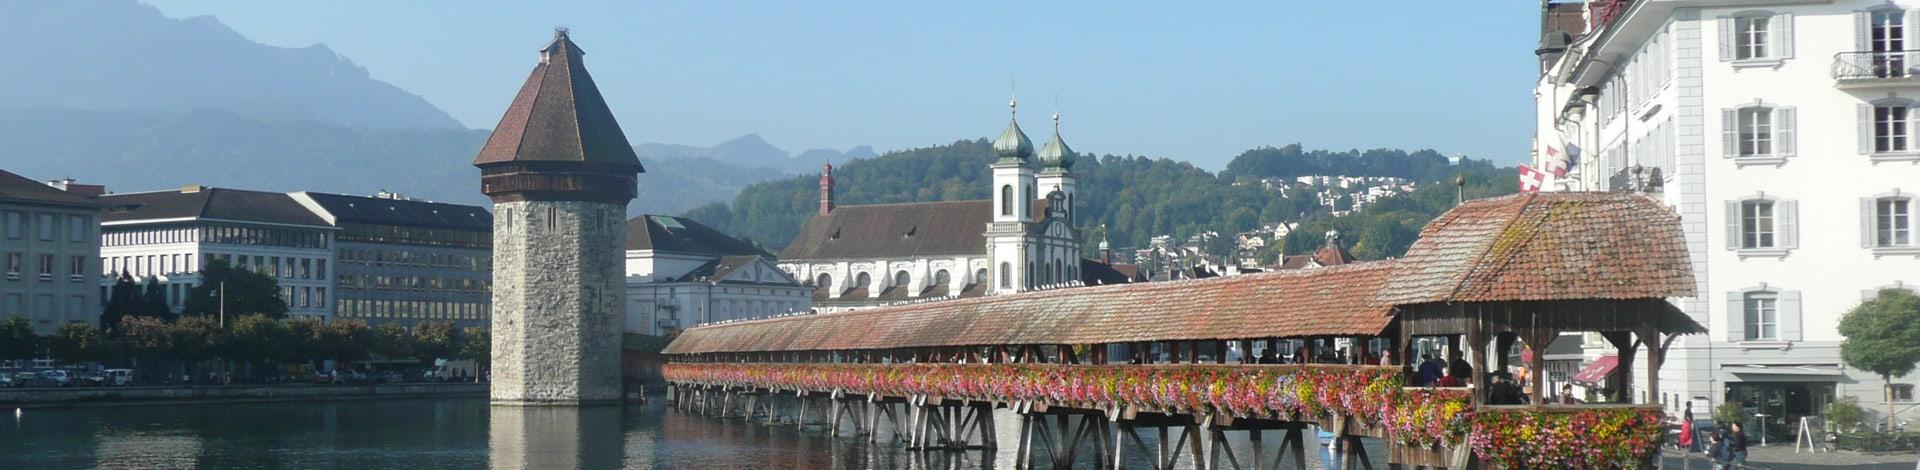 Kappelenbrücke Luzern